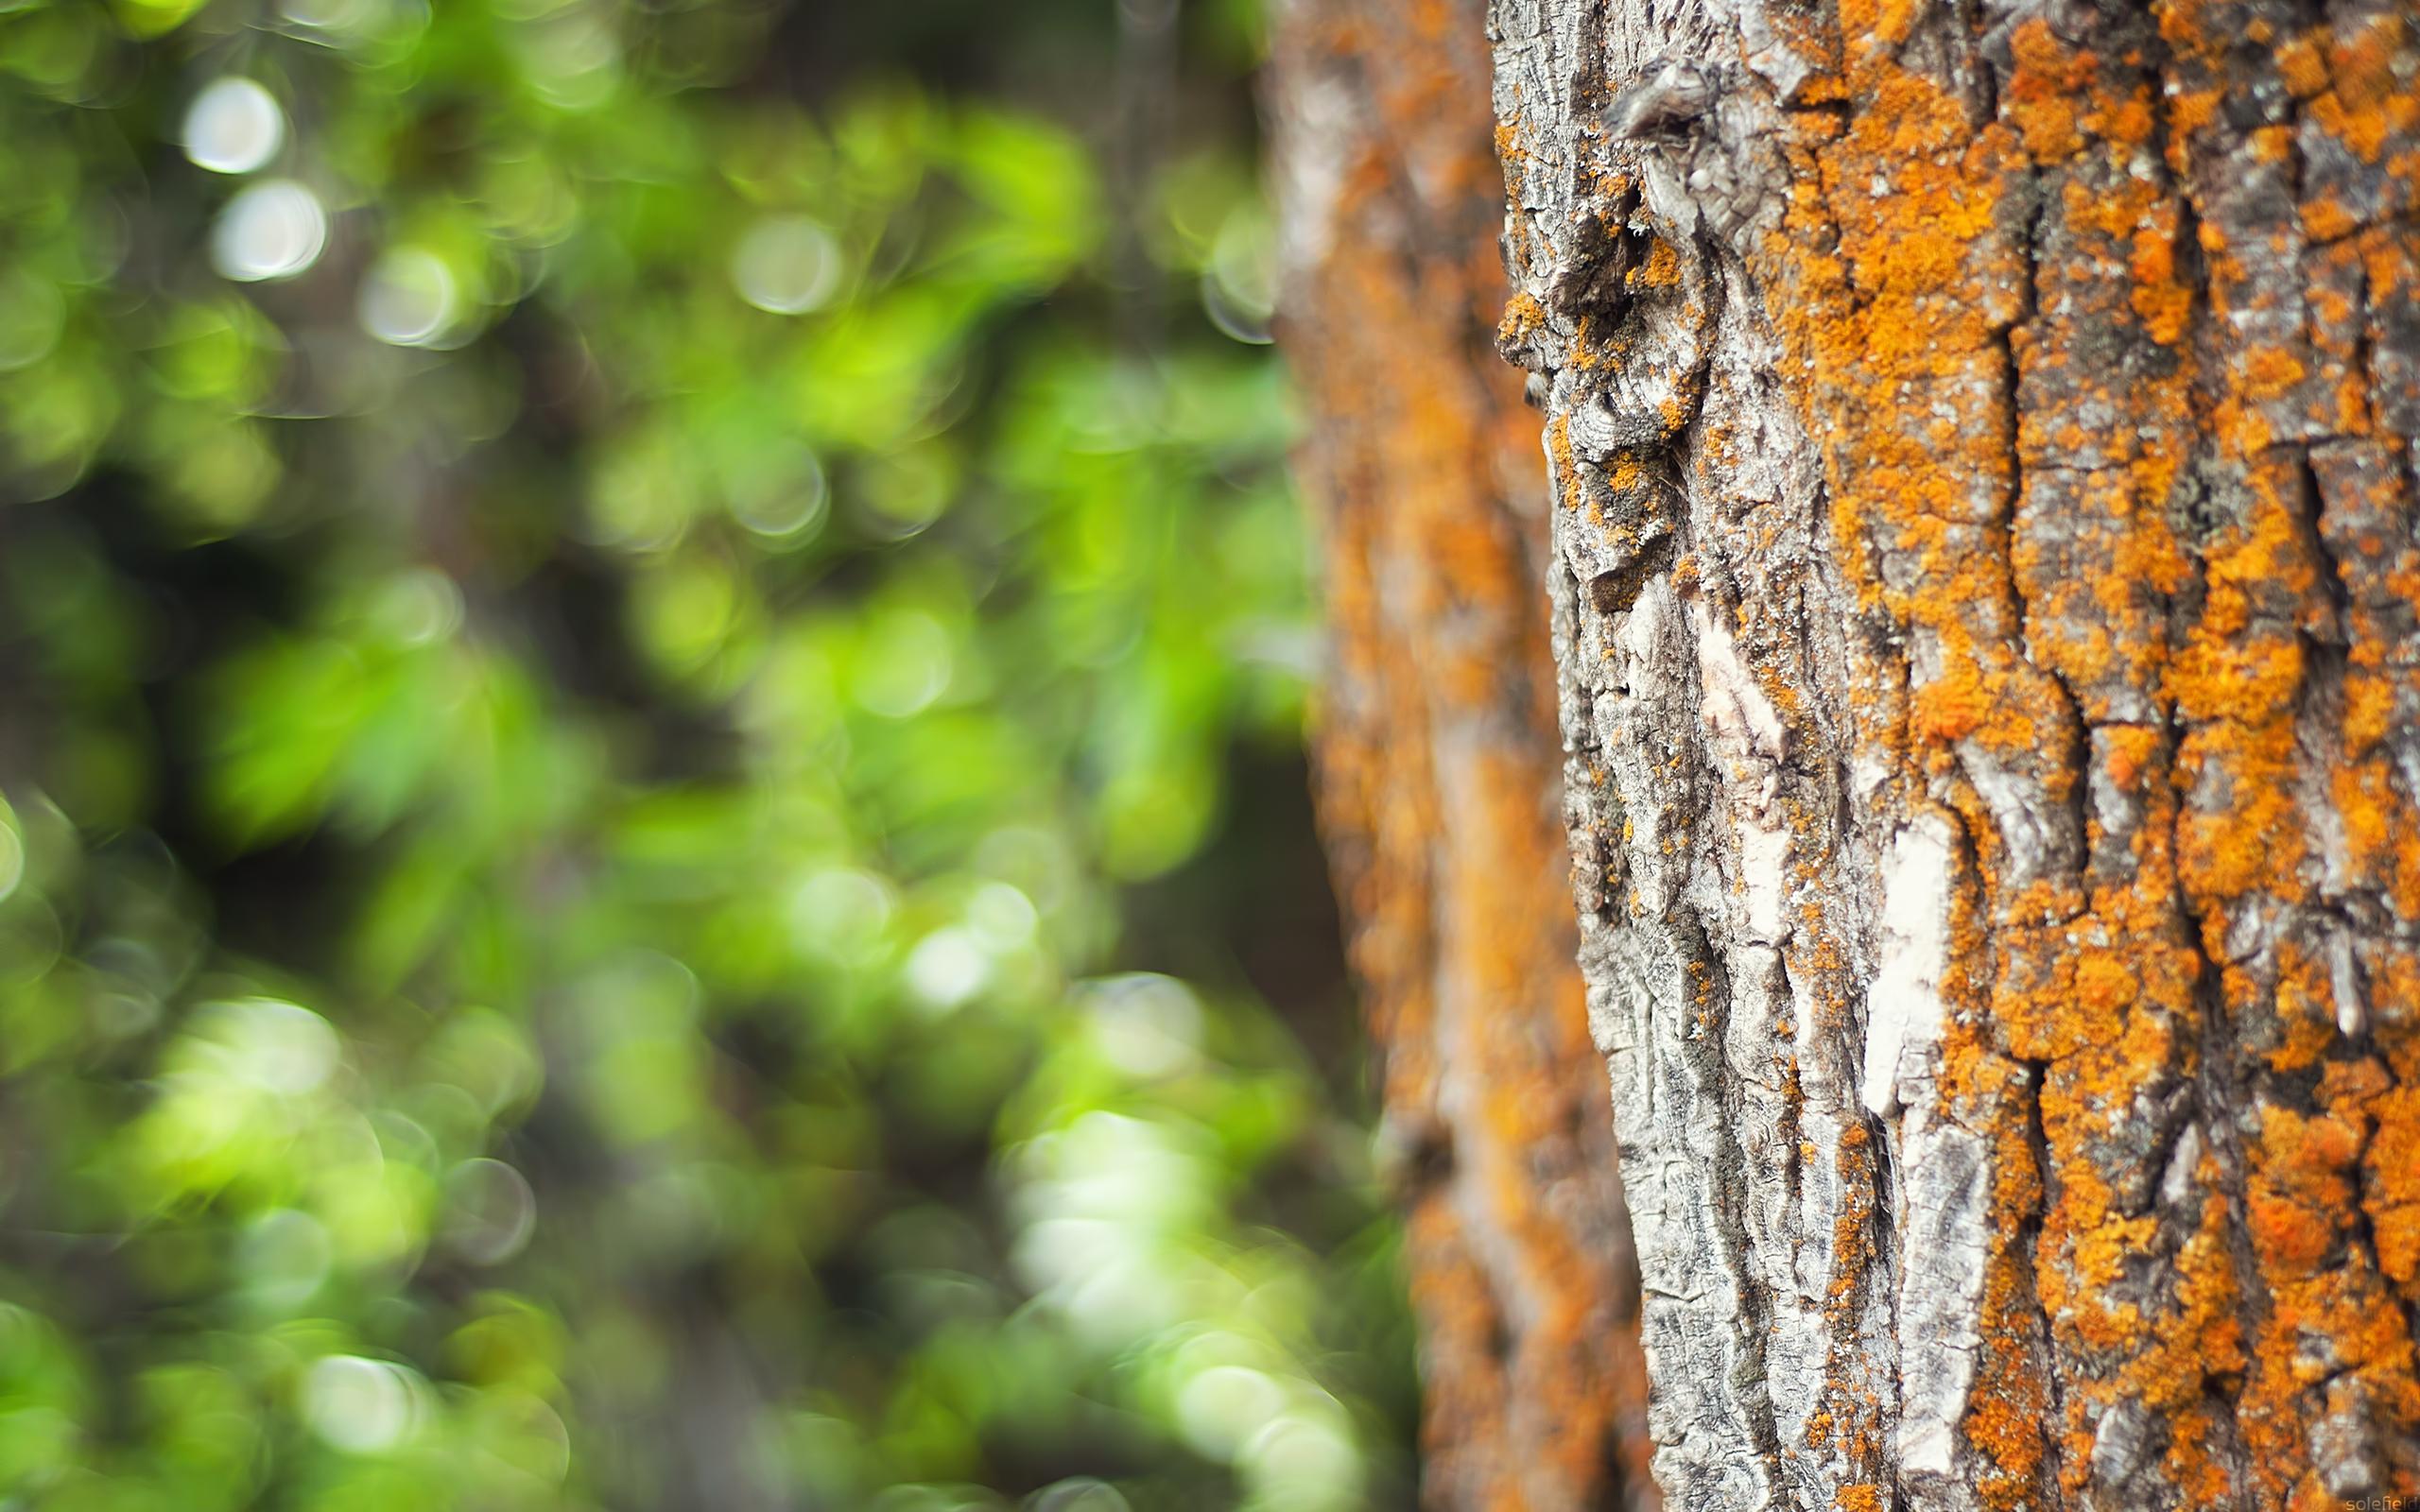 Tree with Orange Moss